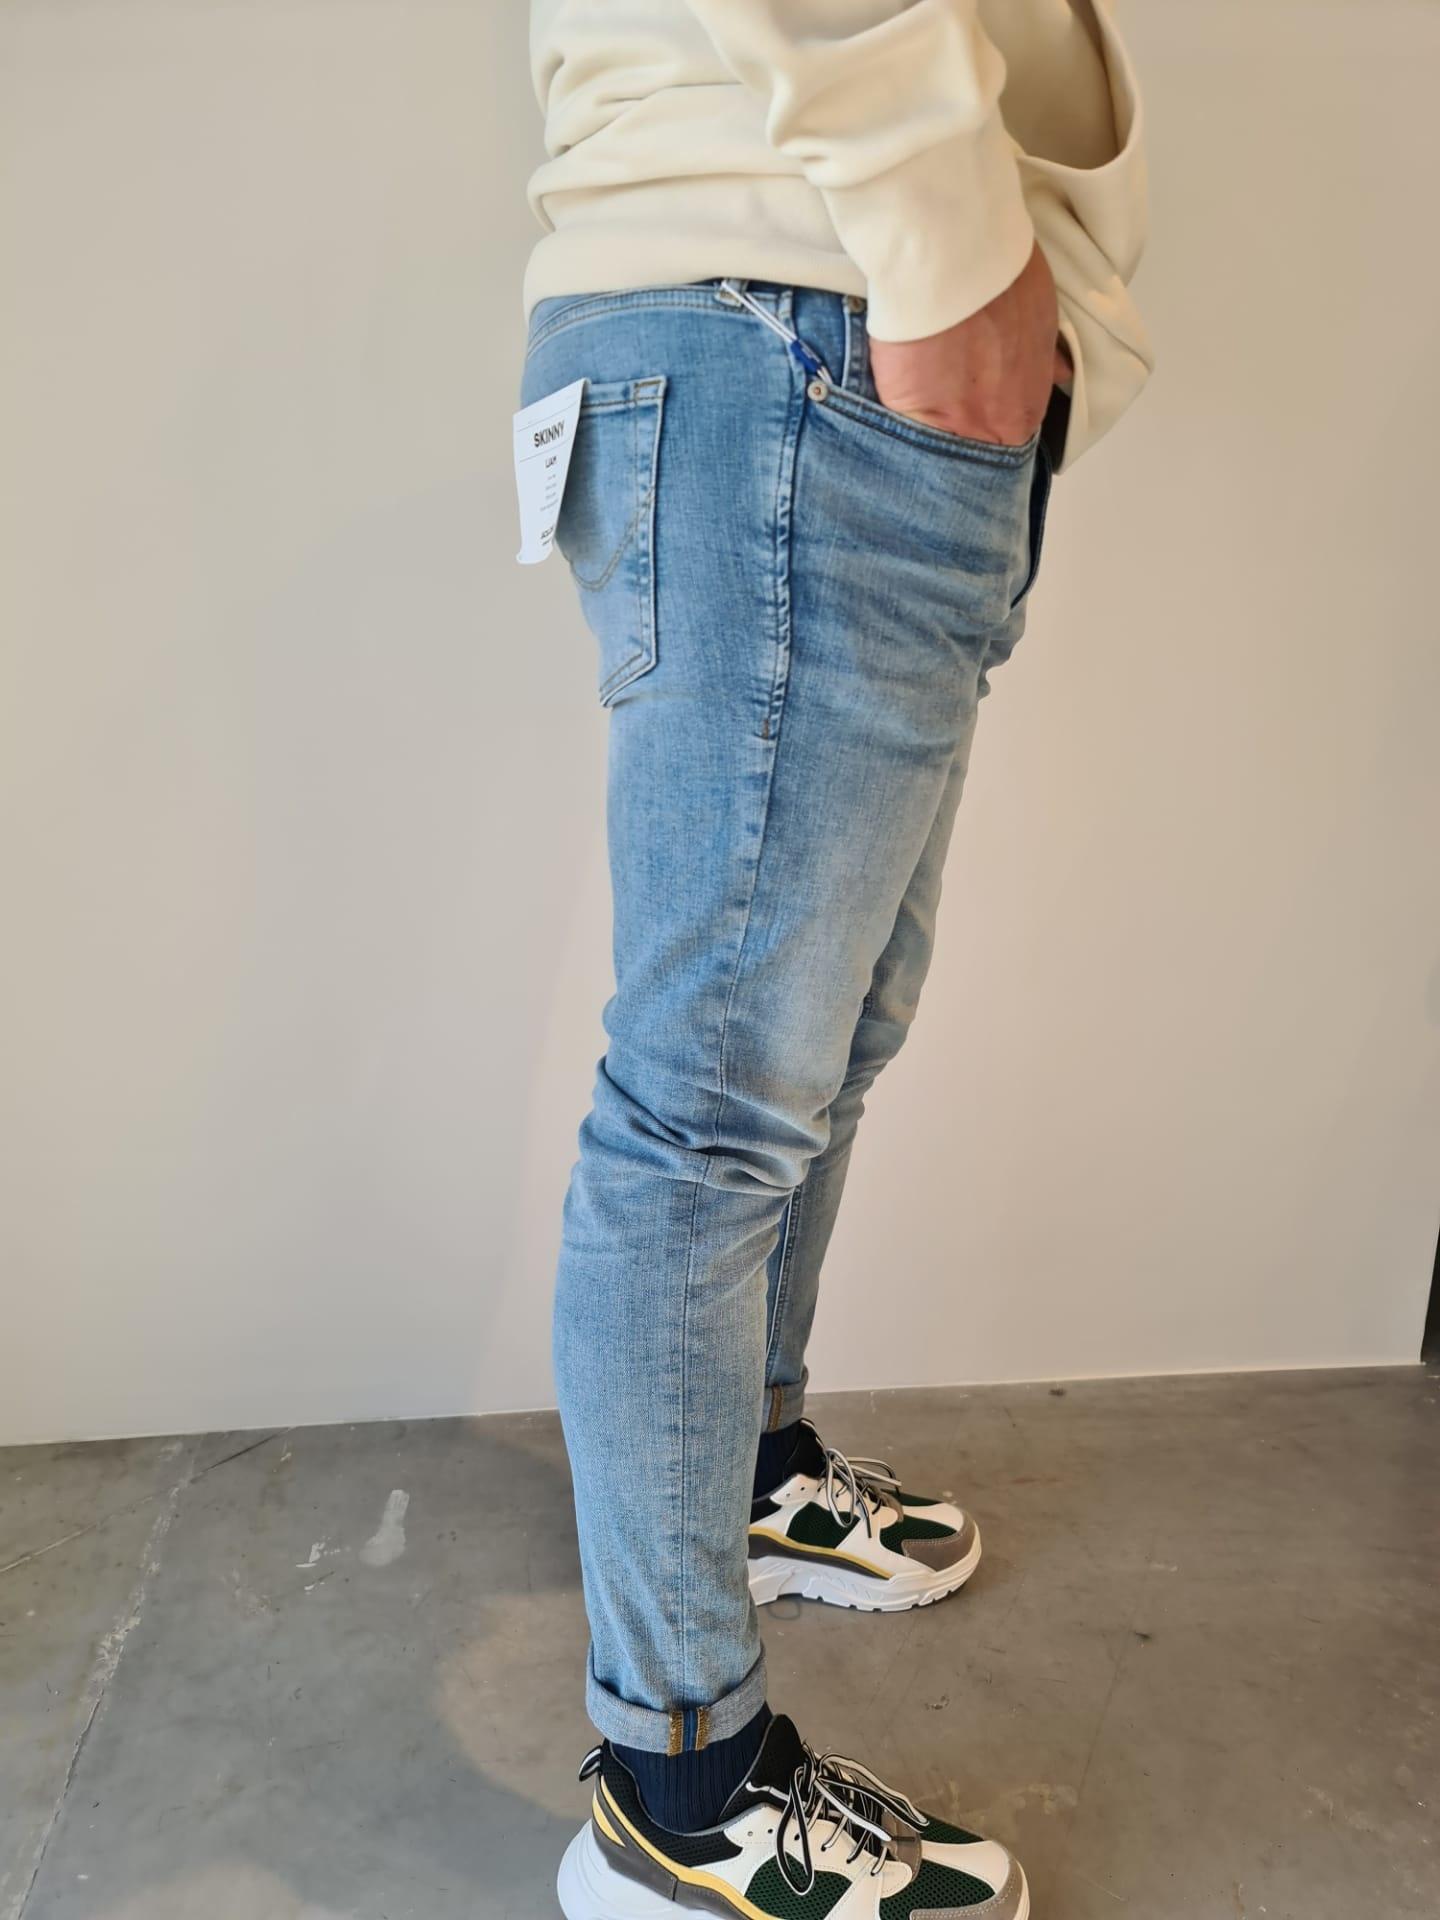 LAURENT jeans-1